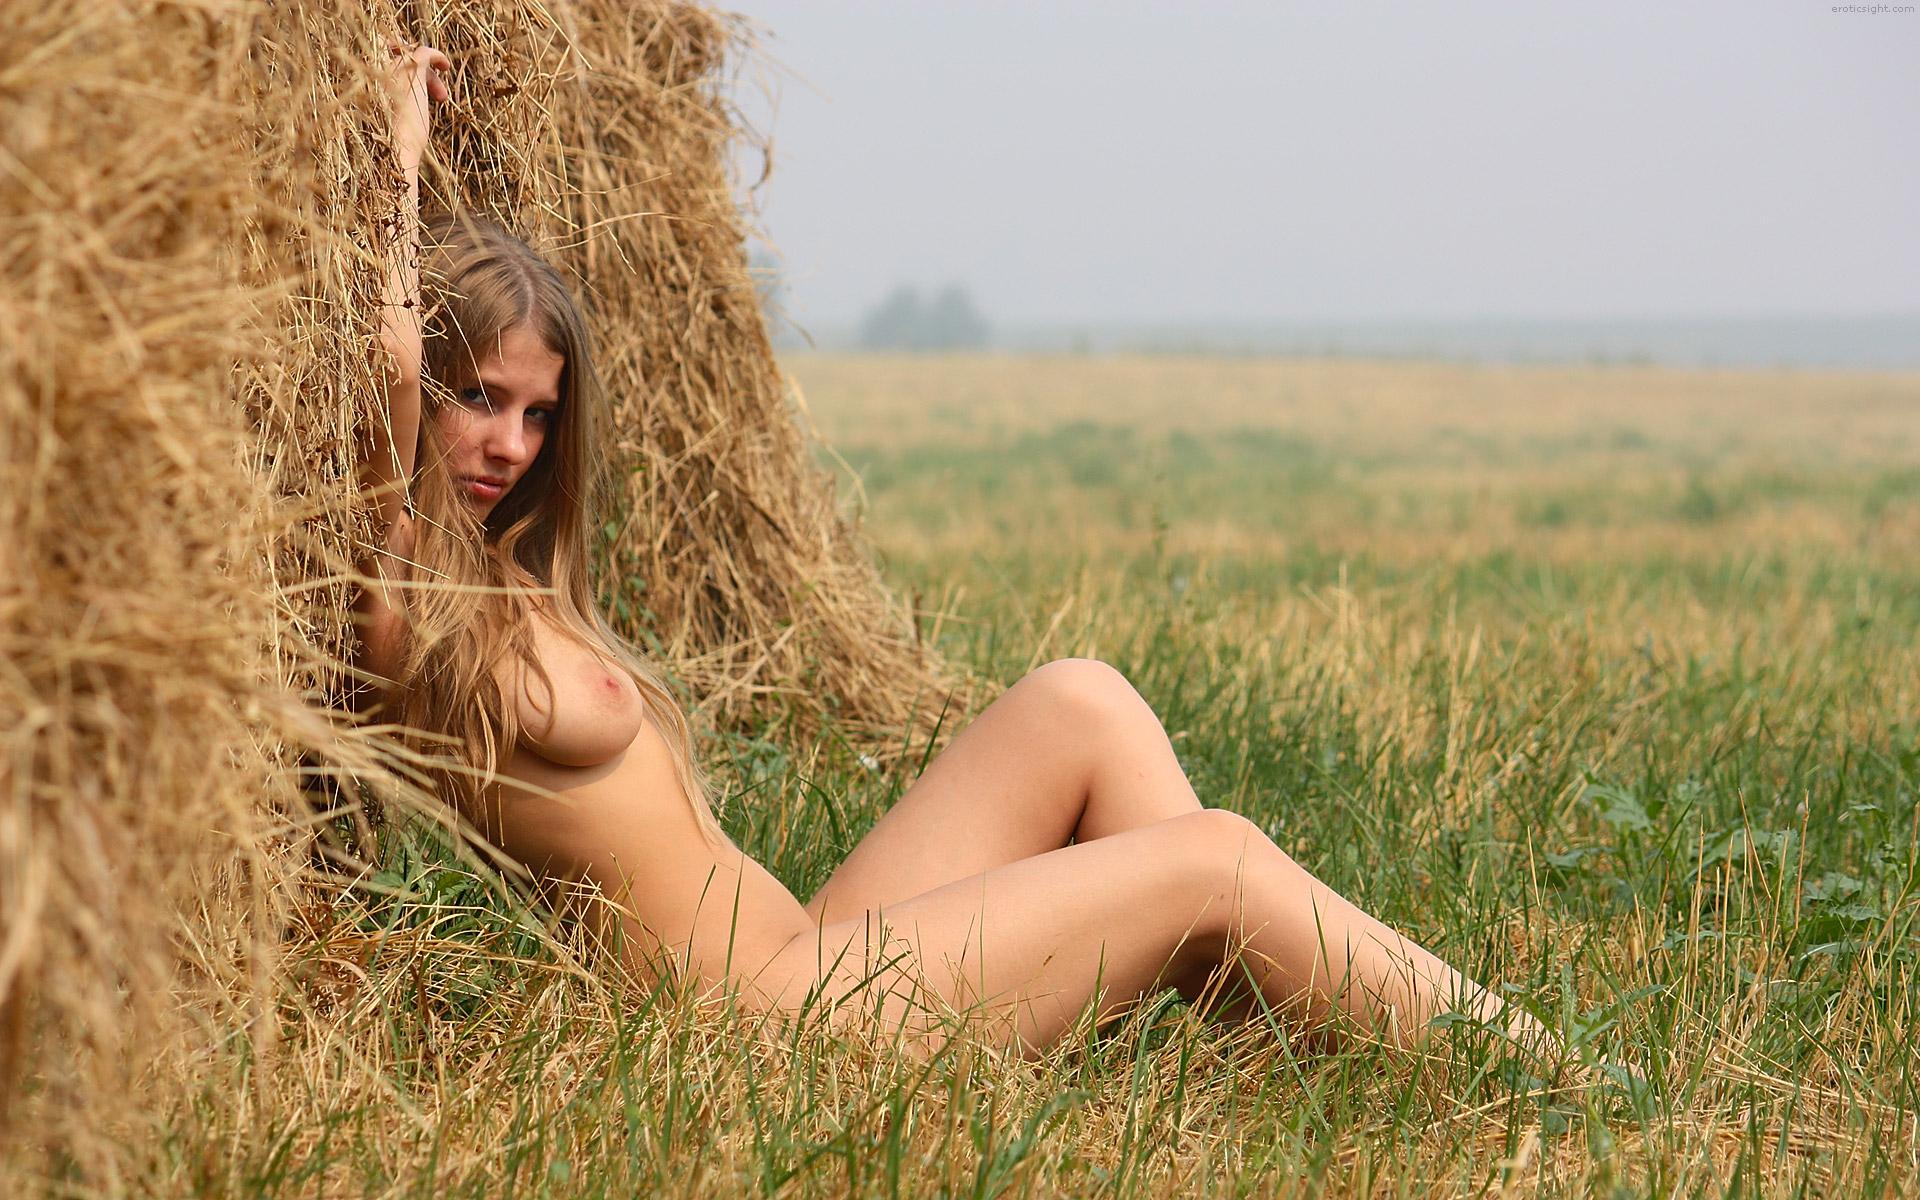 Секс рассказы в деревне на сенокосе 1 фотография